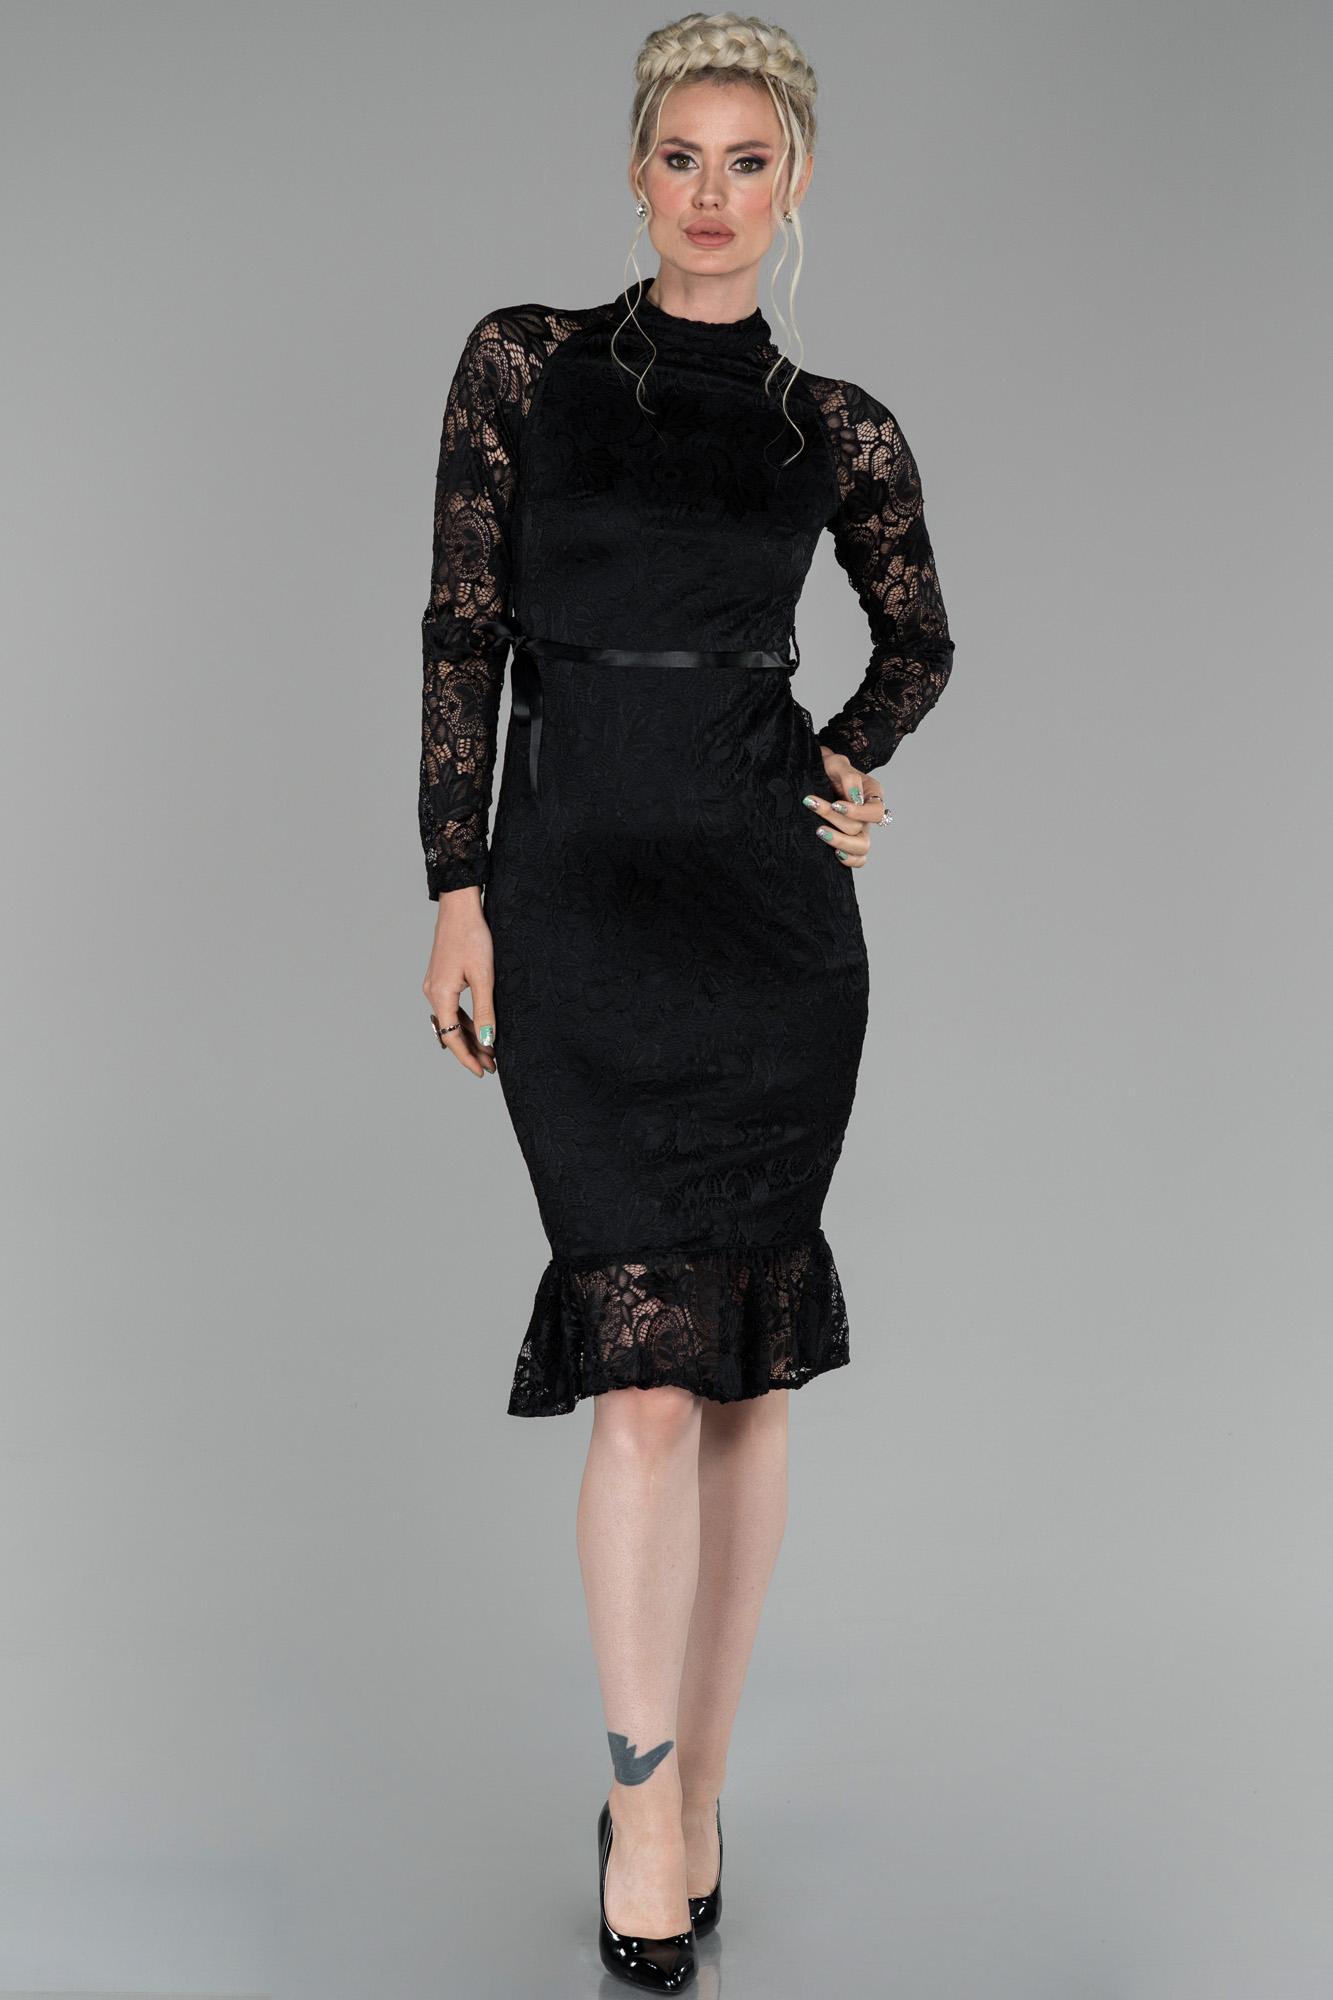 Siyah Kısa Dantel Kumaş Dekoltesiz Davet Elbisesi